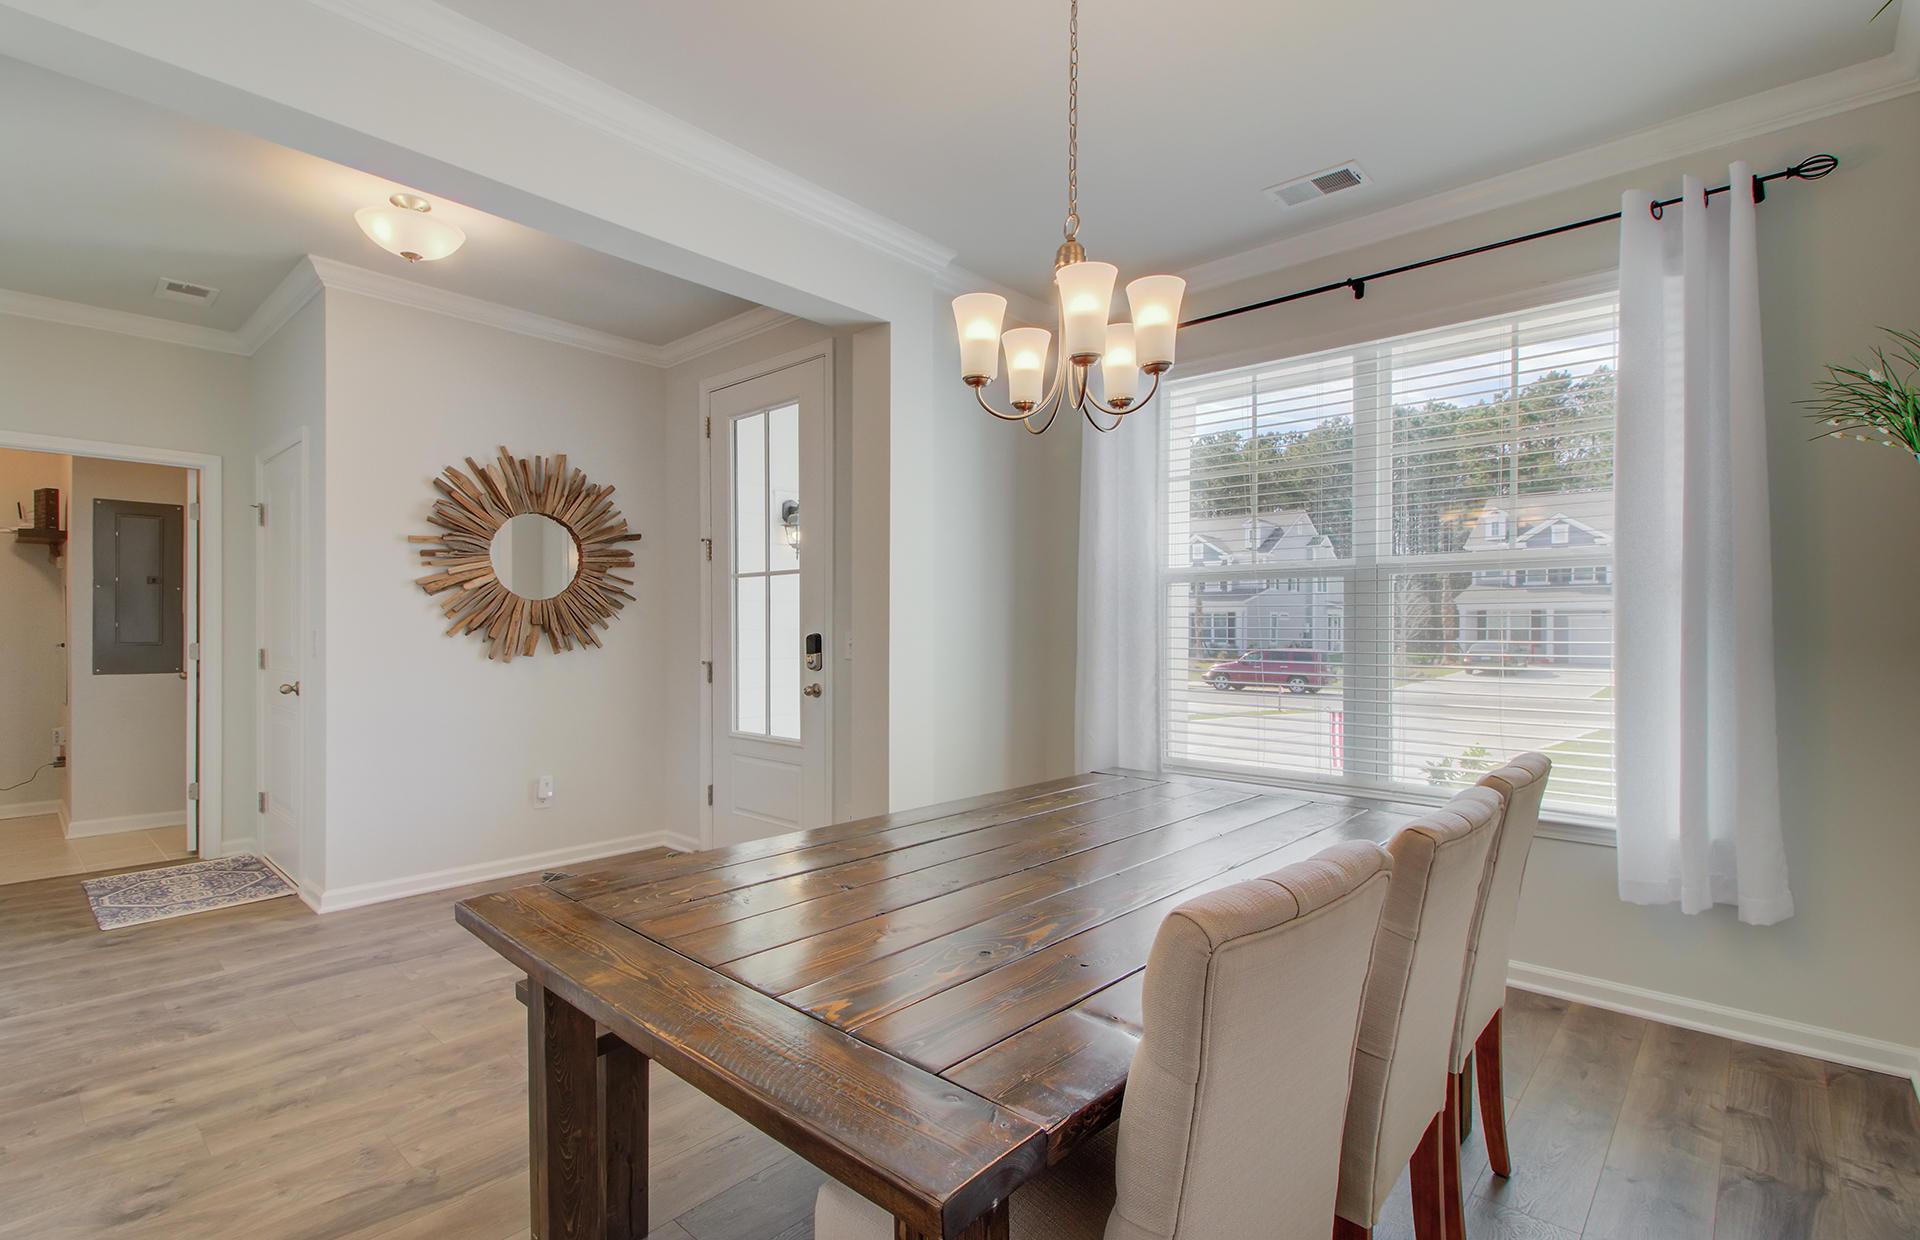 Park West Homes For Sale - 2569 Kingsfield, Mount Pleasant, SC - 1